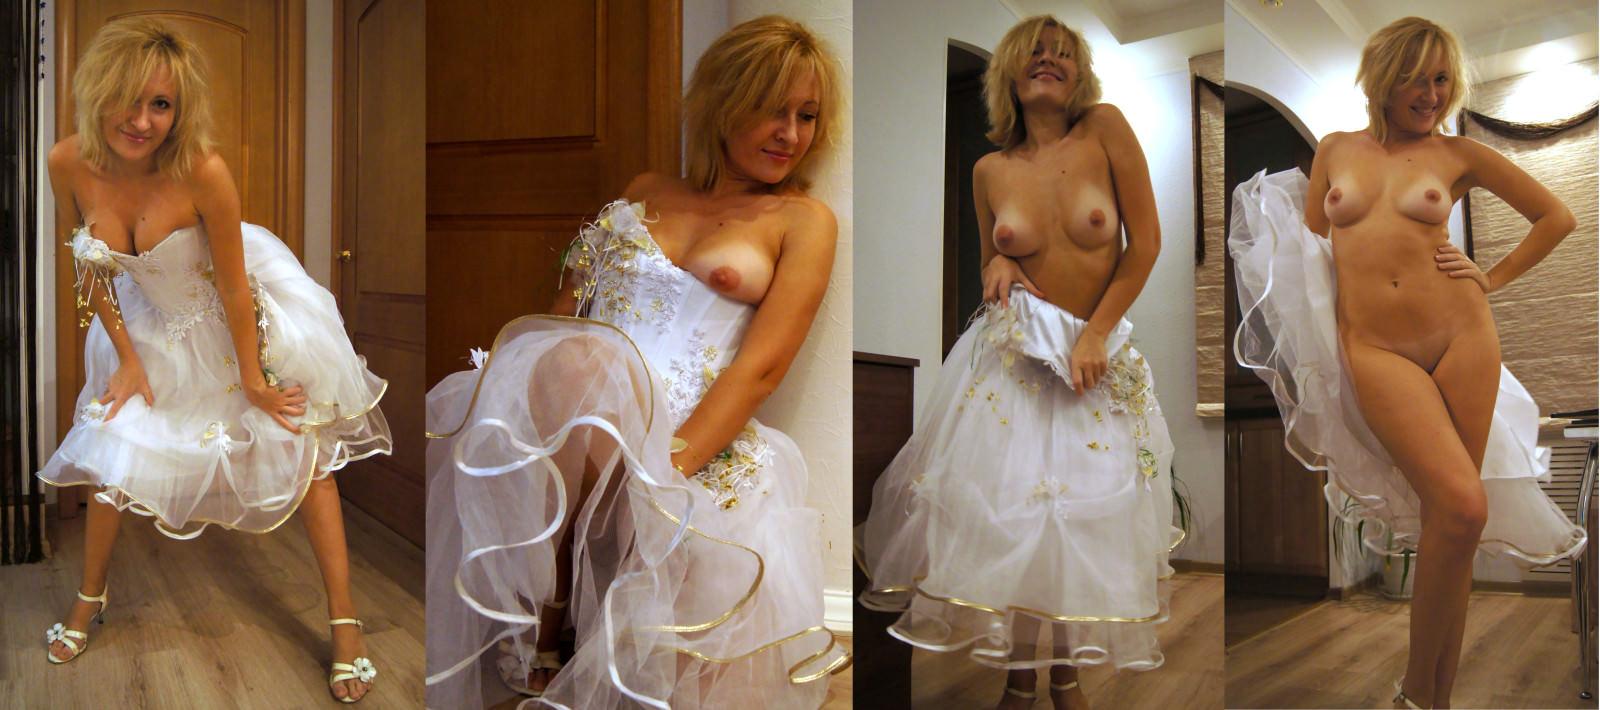 Image 3: Photos de femme en robe de mariee et nue